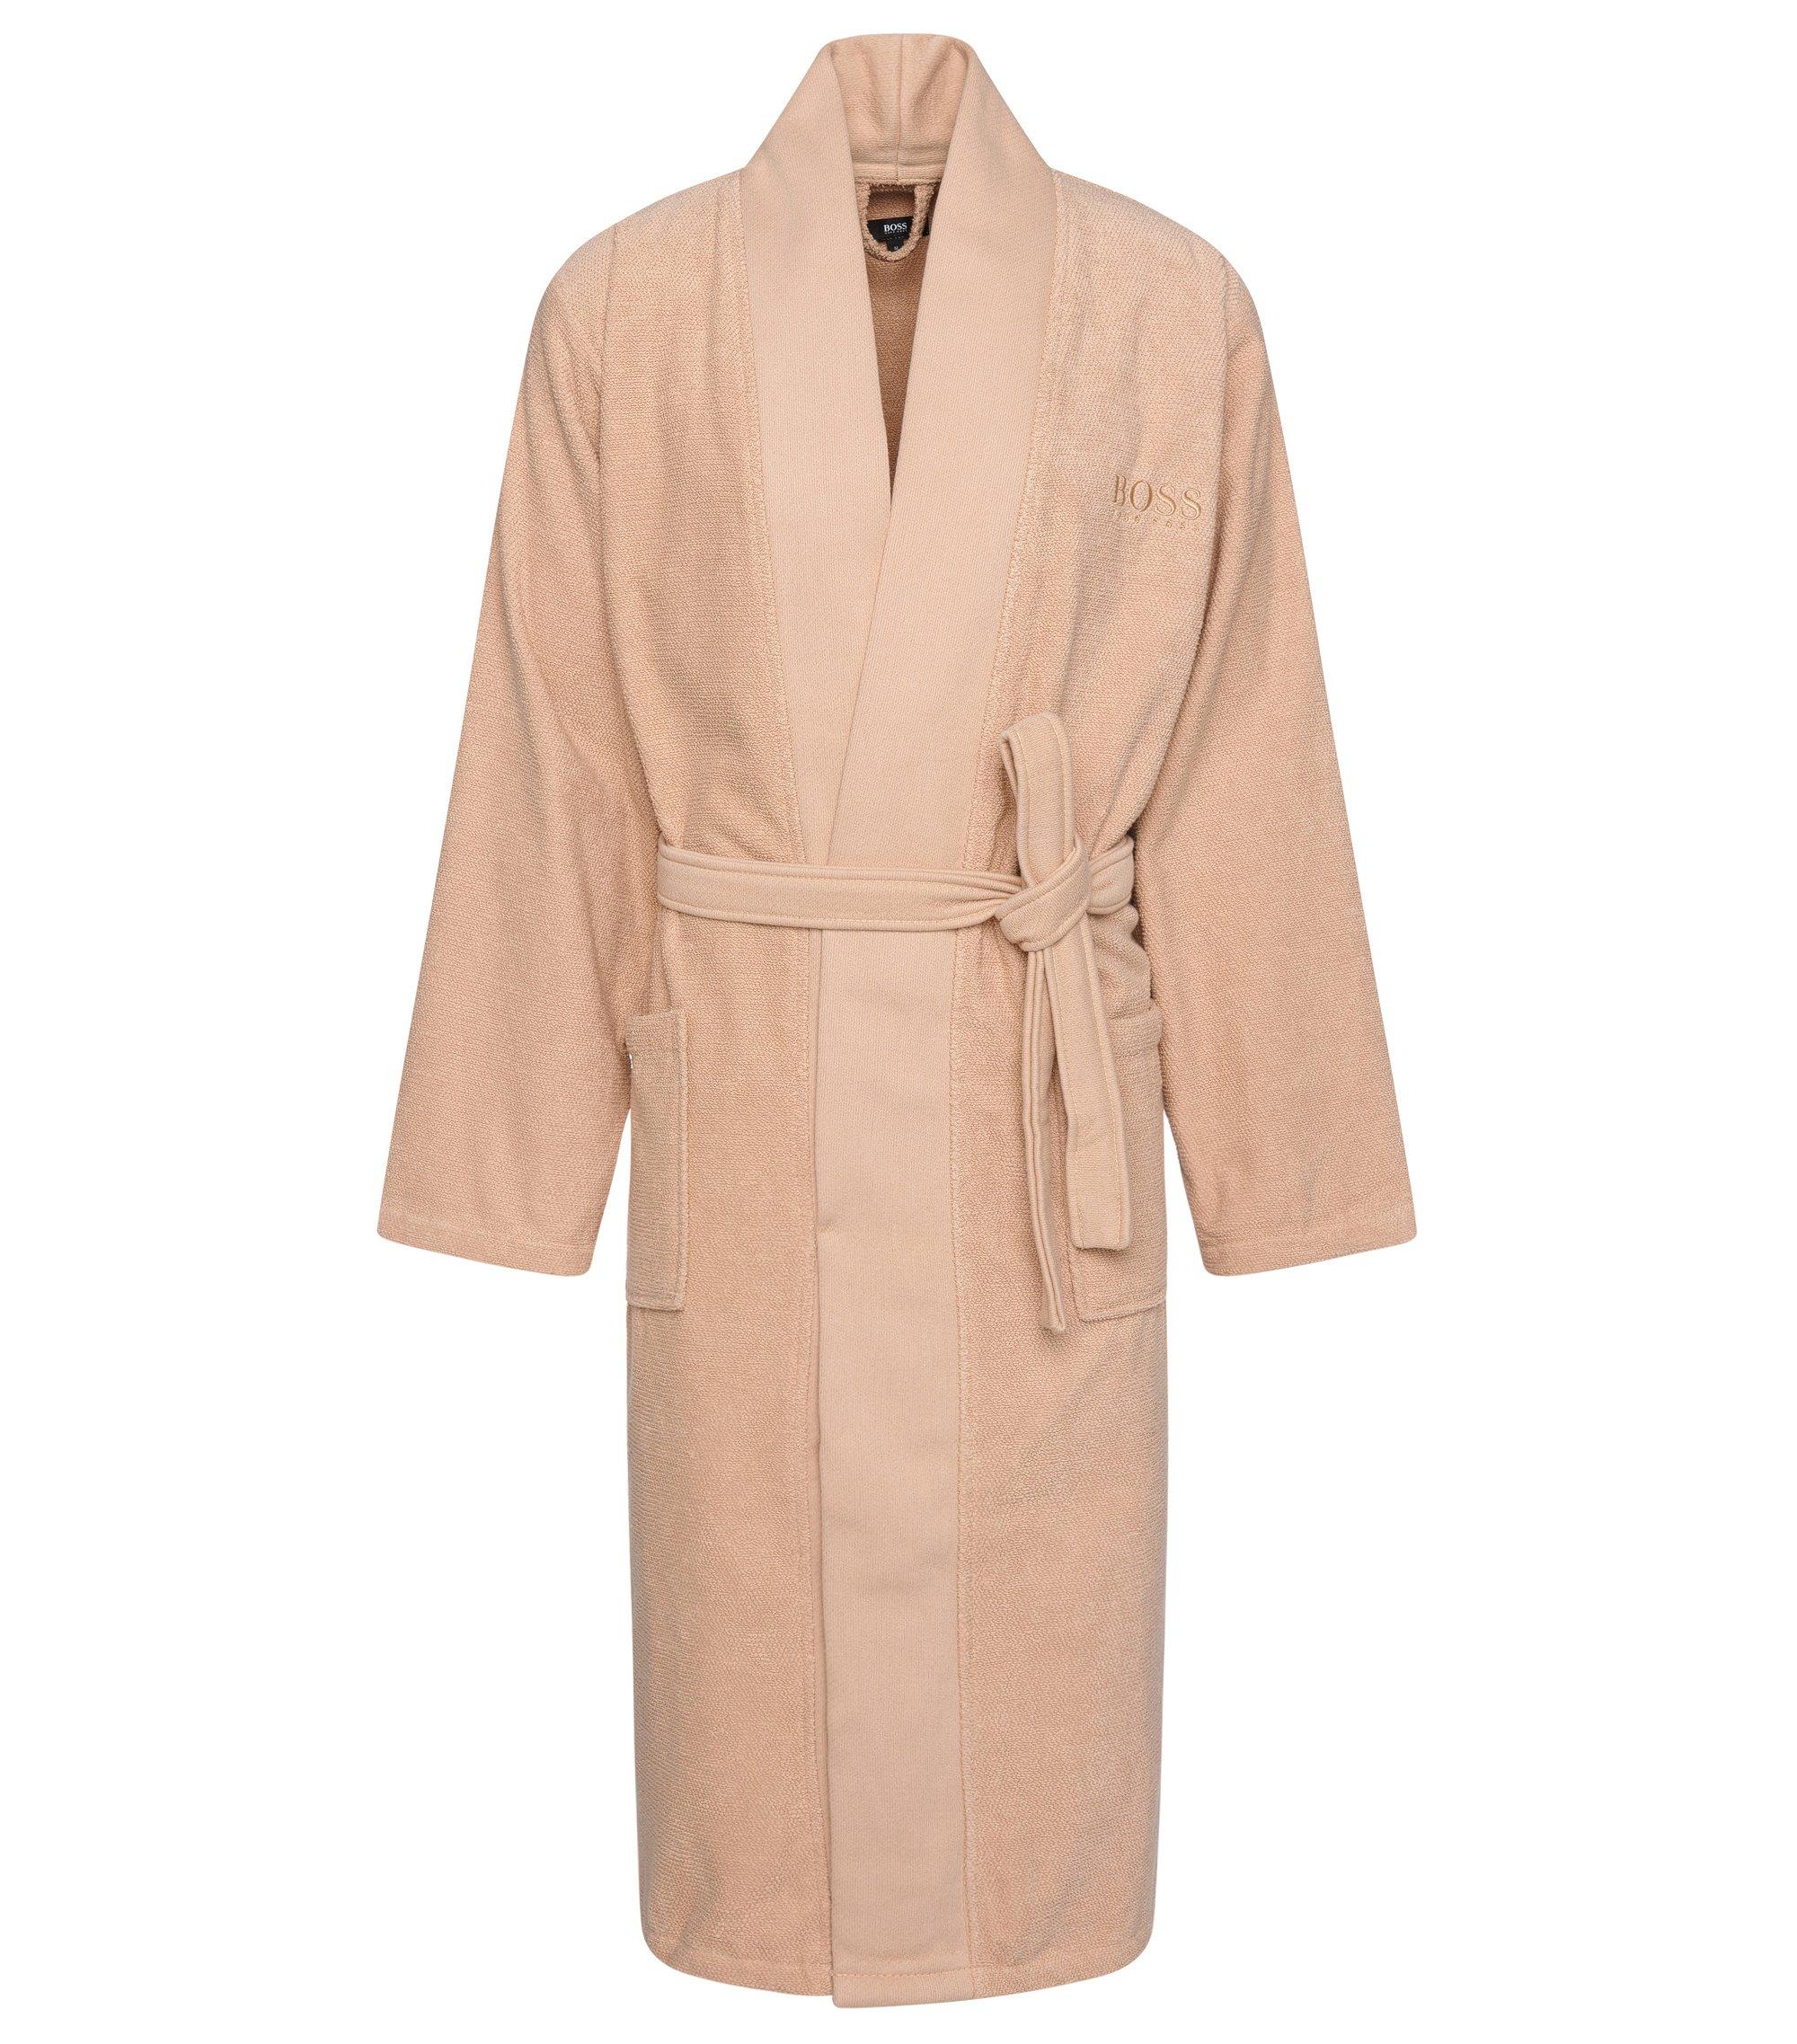 Accappatoio stile kimono in cotone egeo pettinato, Beige